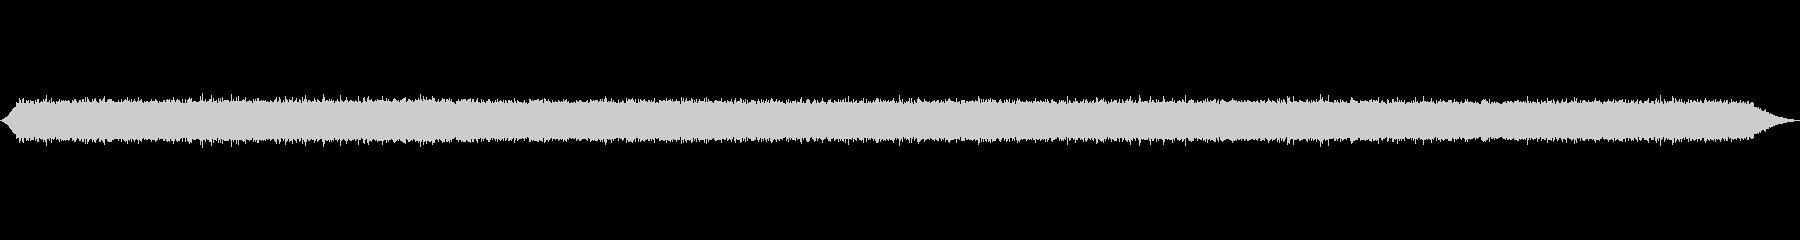 岡崎市の自然音 - 不動の滝の滝音の未再生の波形